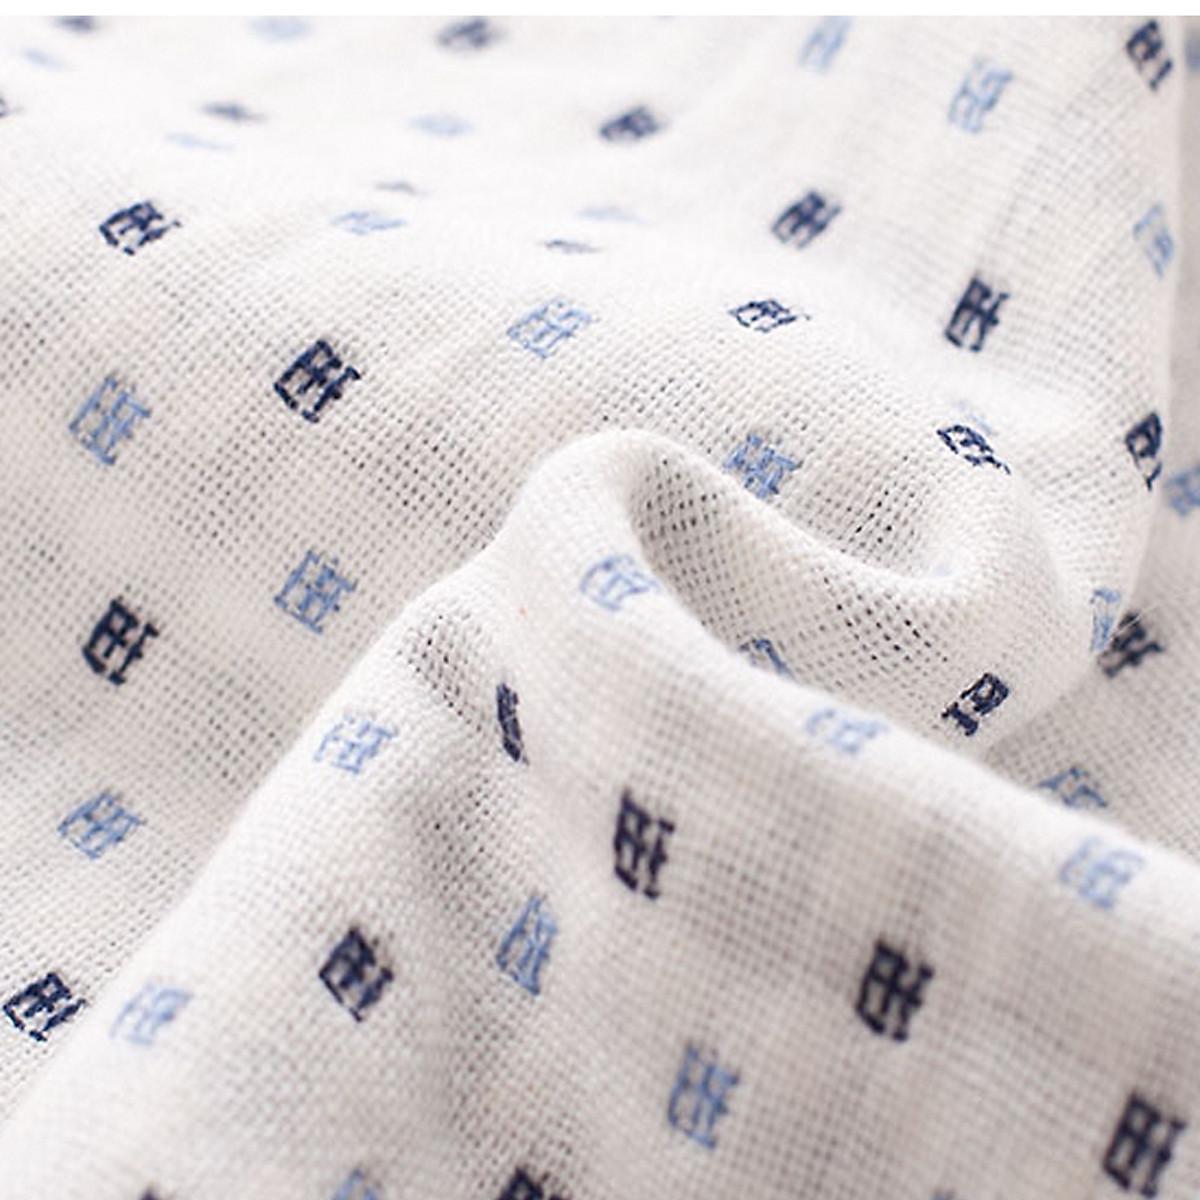 Khăn tắm trung siêu thắm nước bên long,bên vải cotton 34x74cm 100g - 138 11